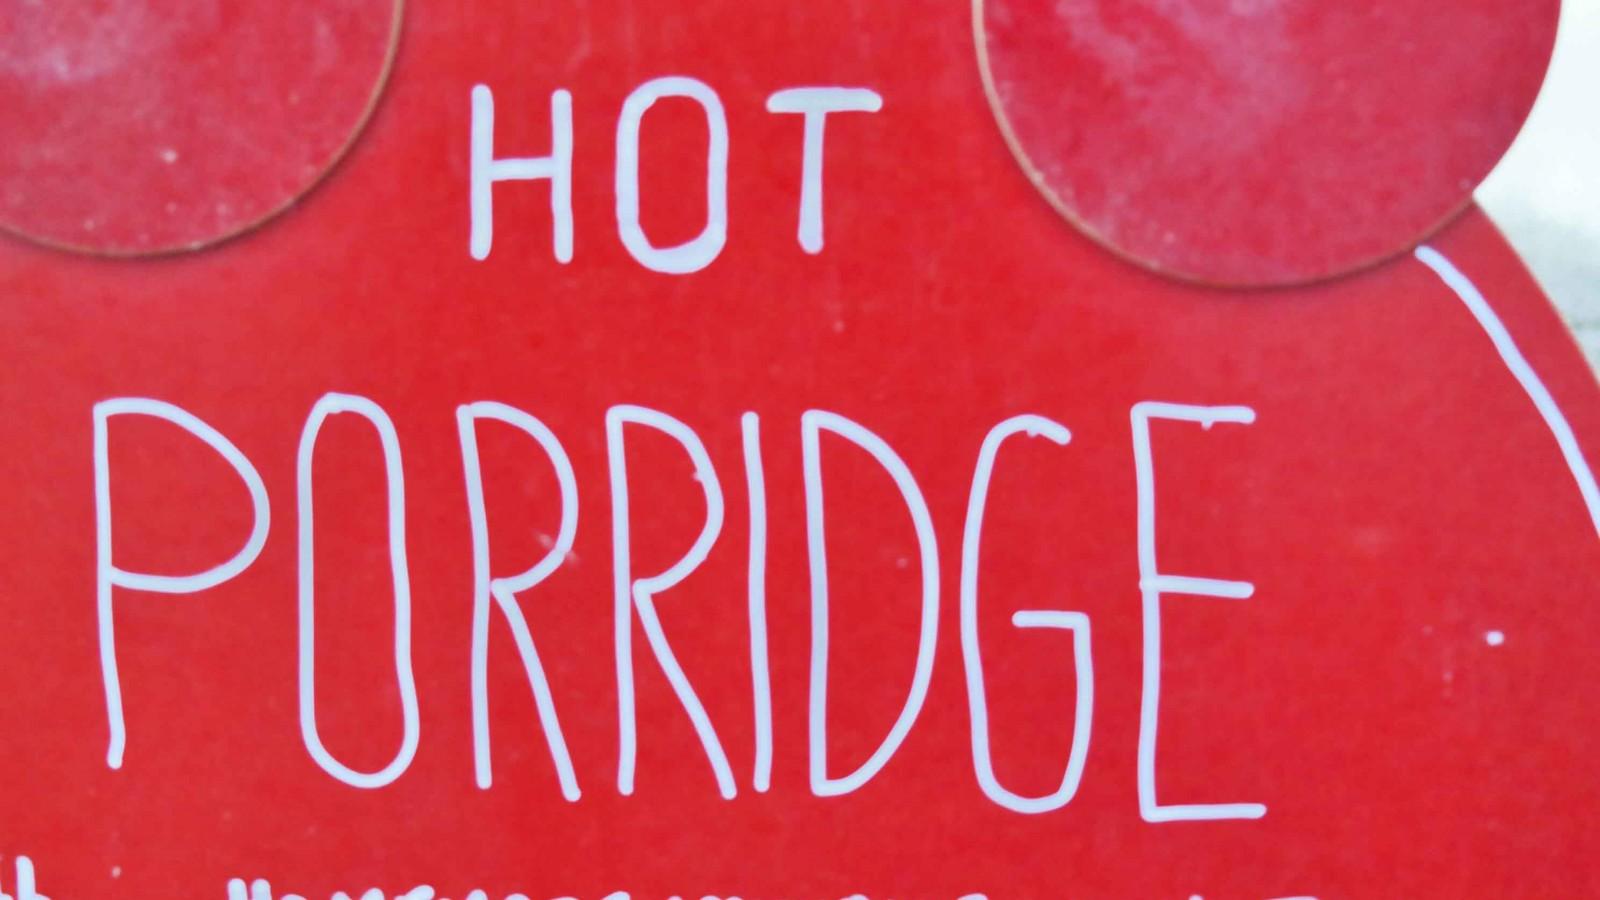 porridge der neue fr hst ckstrend social media dinner. Black Bedroom Furniture Sets. Home Design Ideas